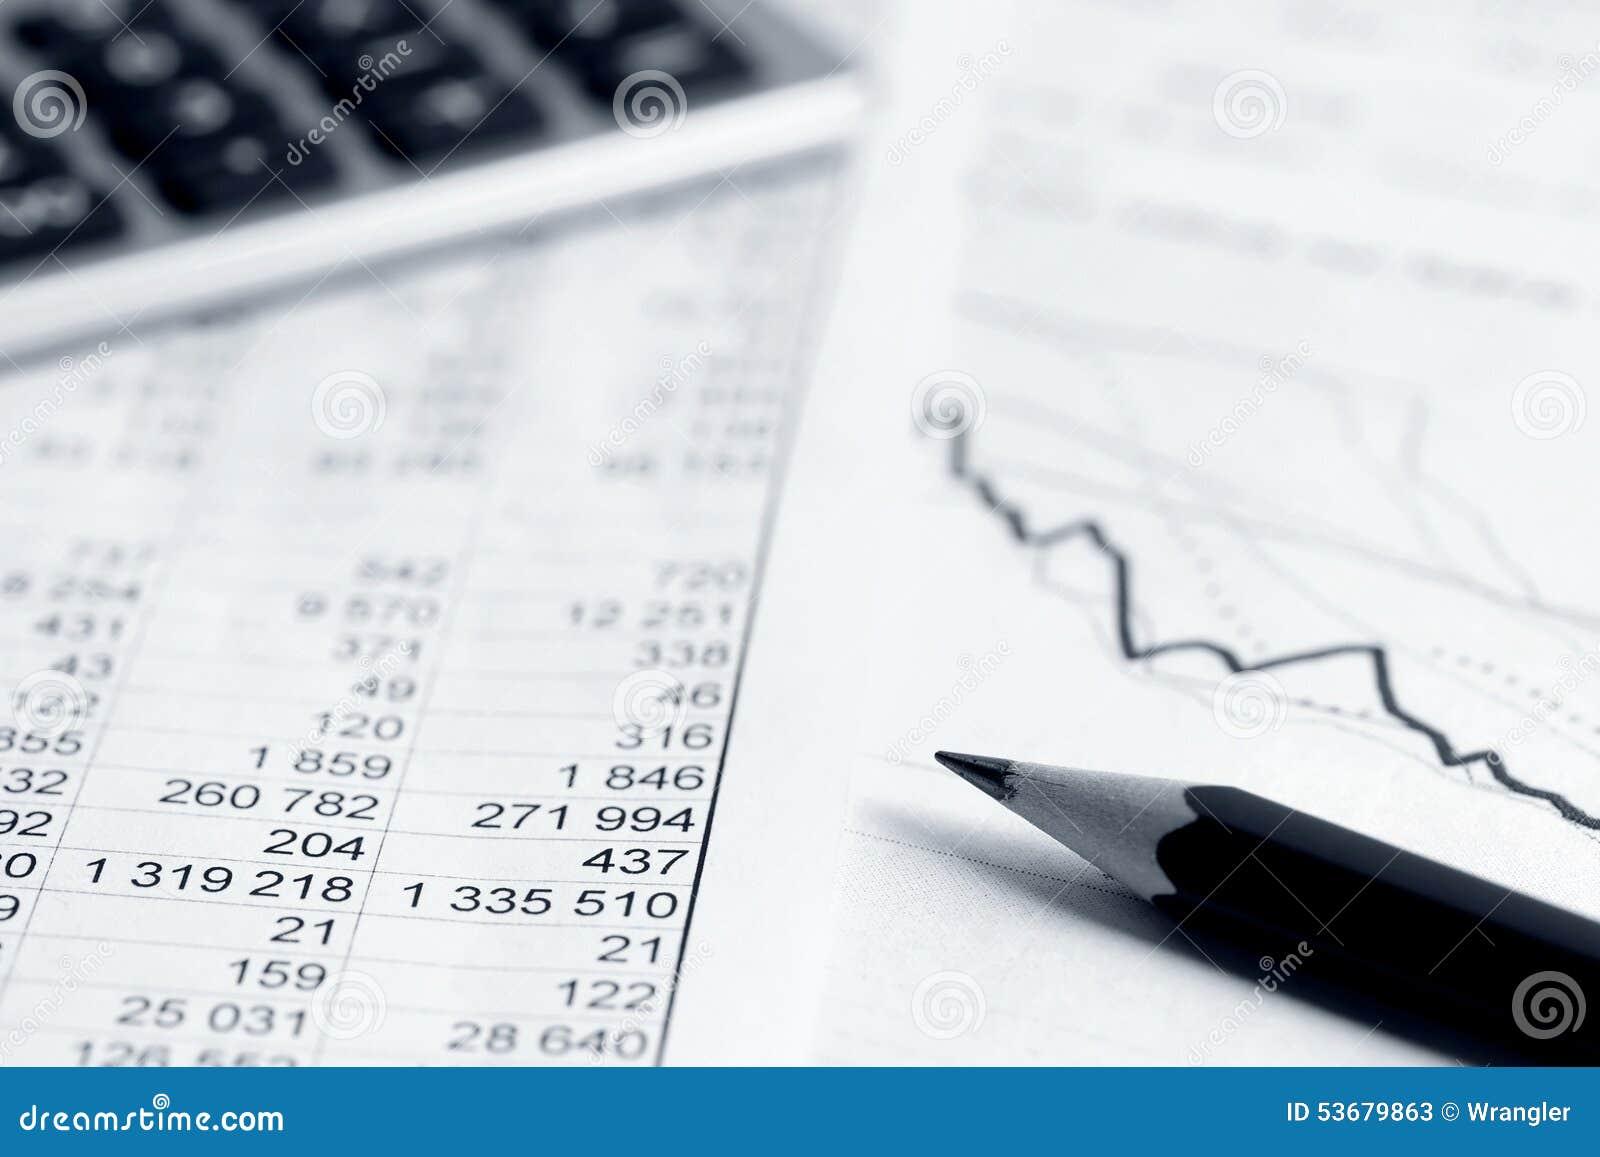 Börse der Finanzbuchhaltung stellt Analyse grafisch dar